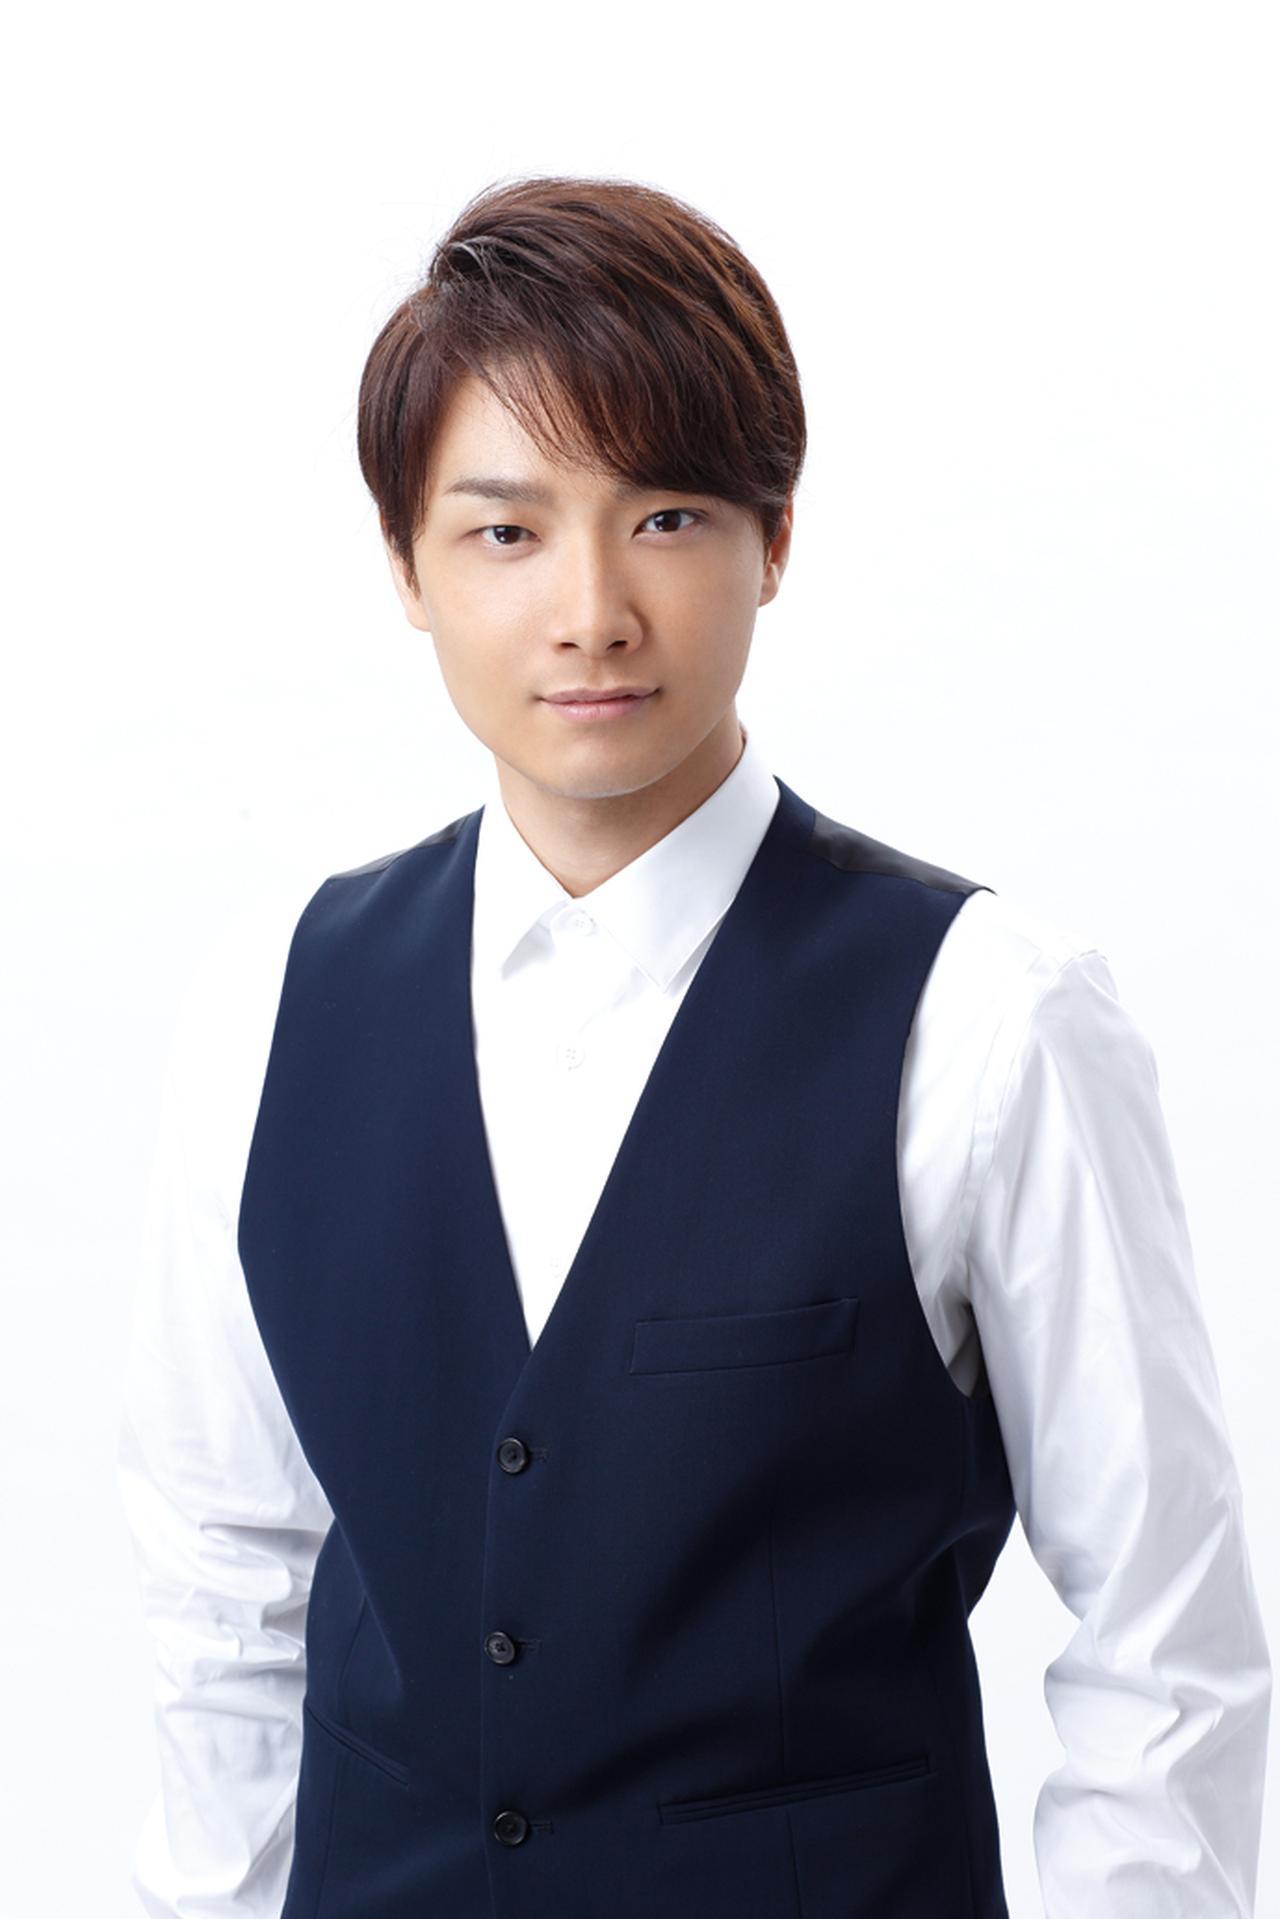 画像: 井上芳雄がトニー賞楽曲歌う! 米トップ俳優とコンサート開催